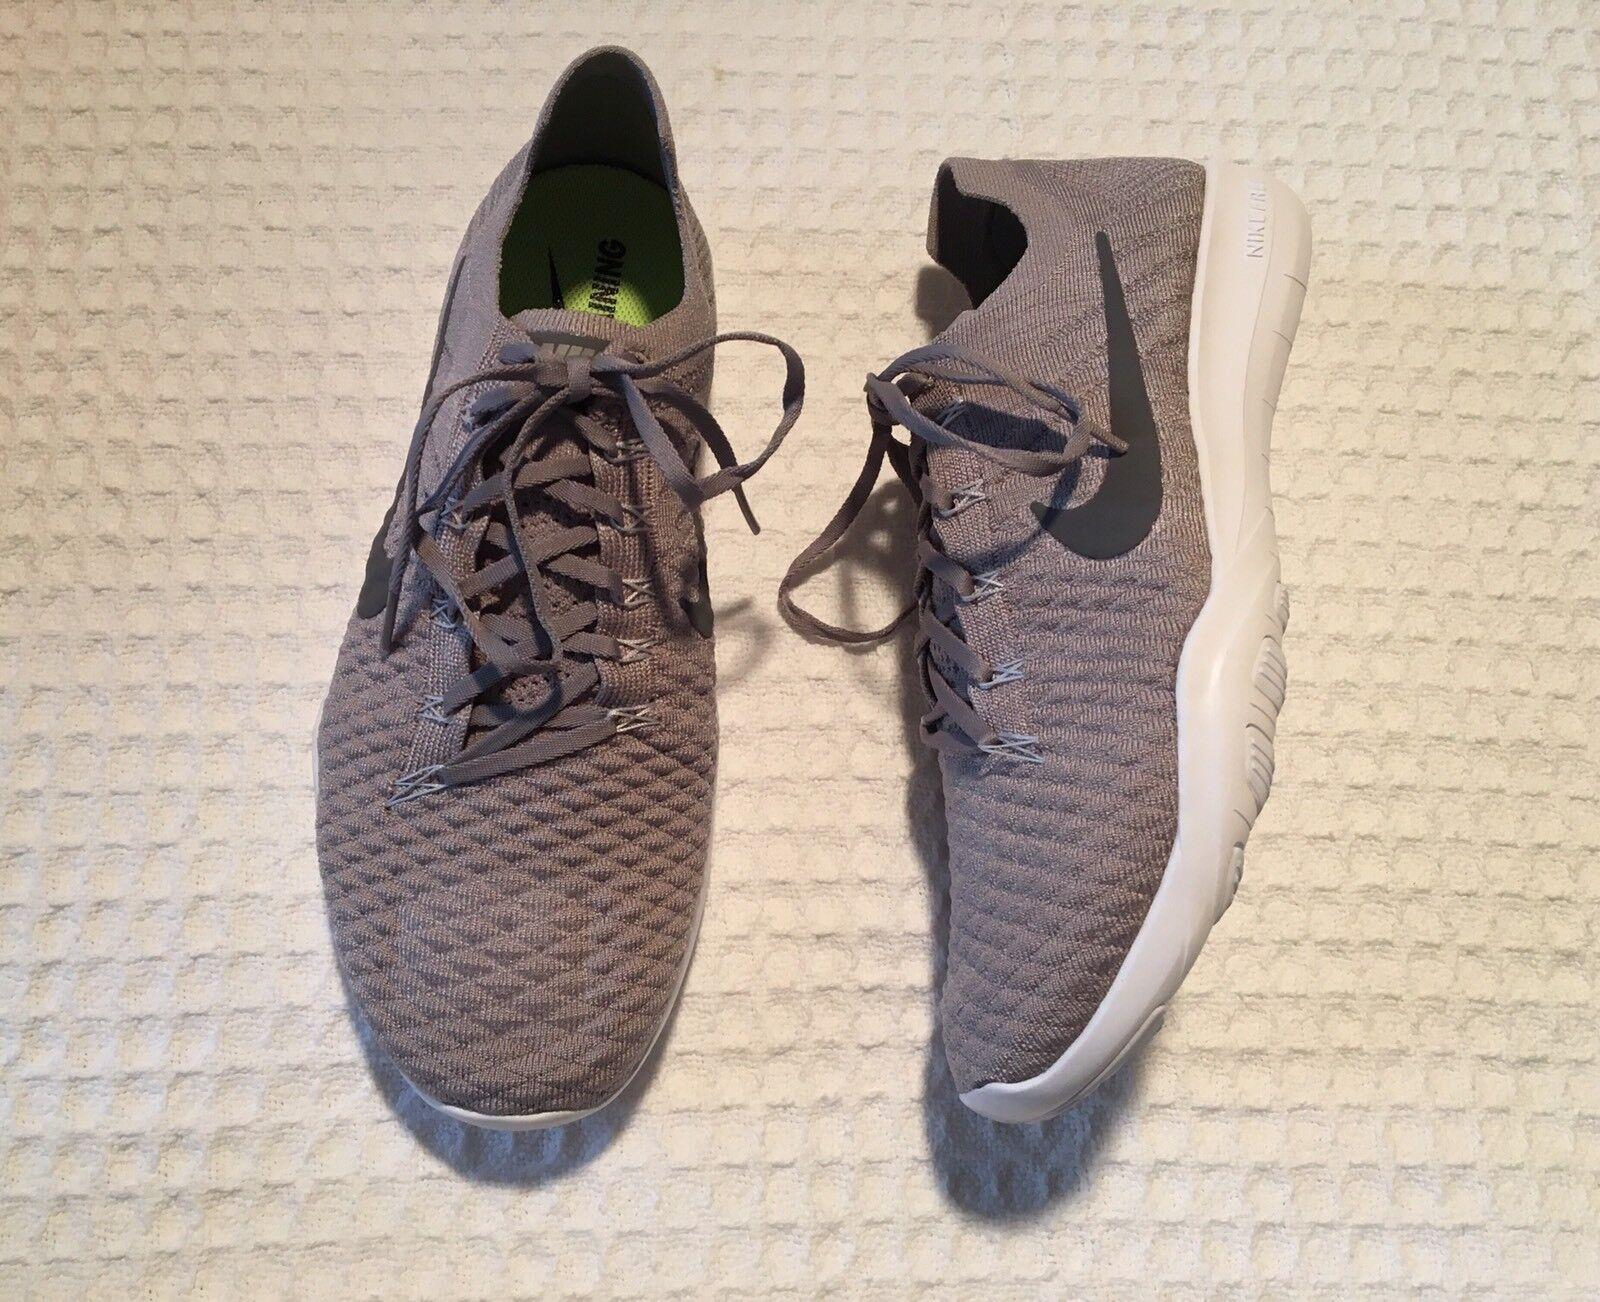 NIKE Free TR Flystick 2 Training skor skor  120 120 120 Atmosfär grå   vit 10  grossist billig och hög kvalitet